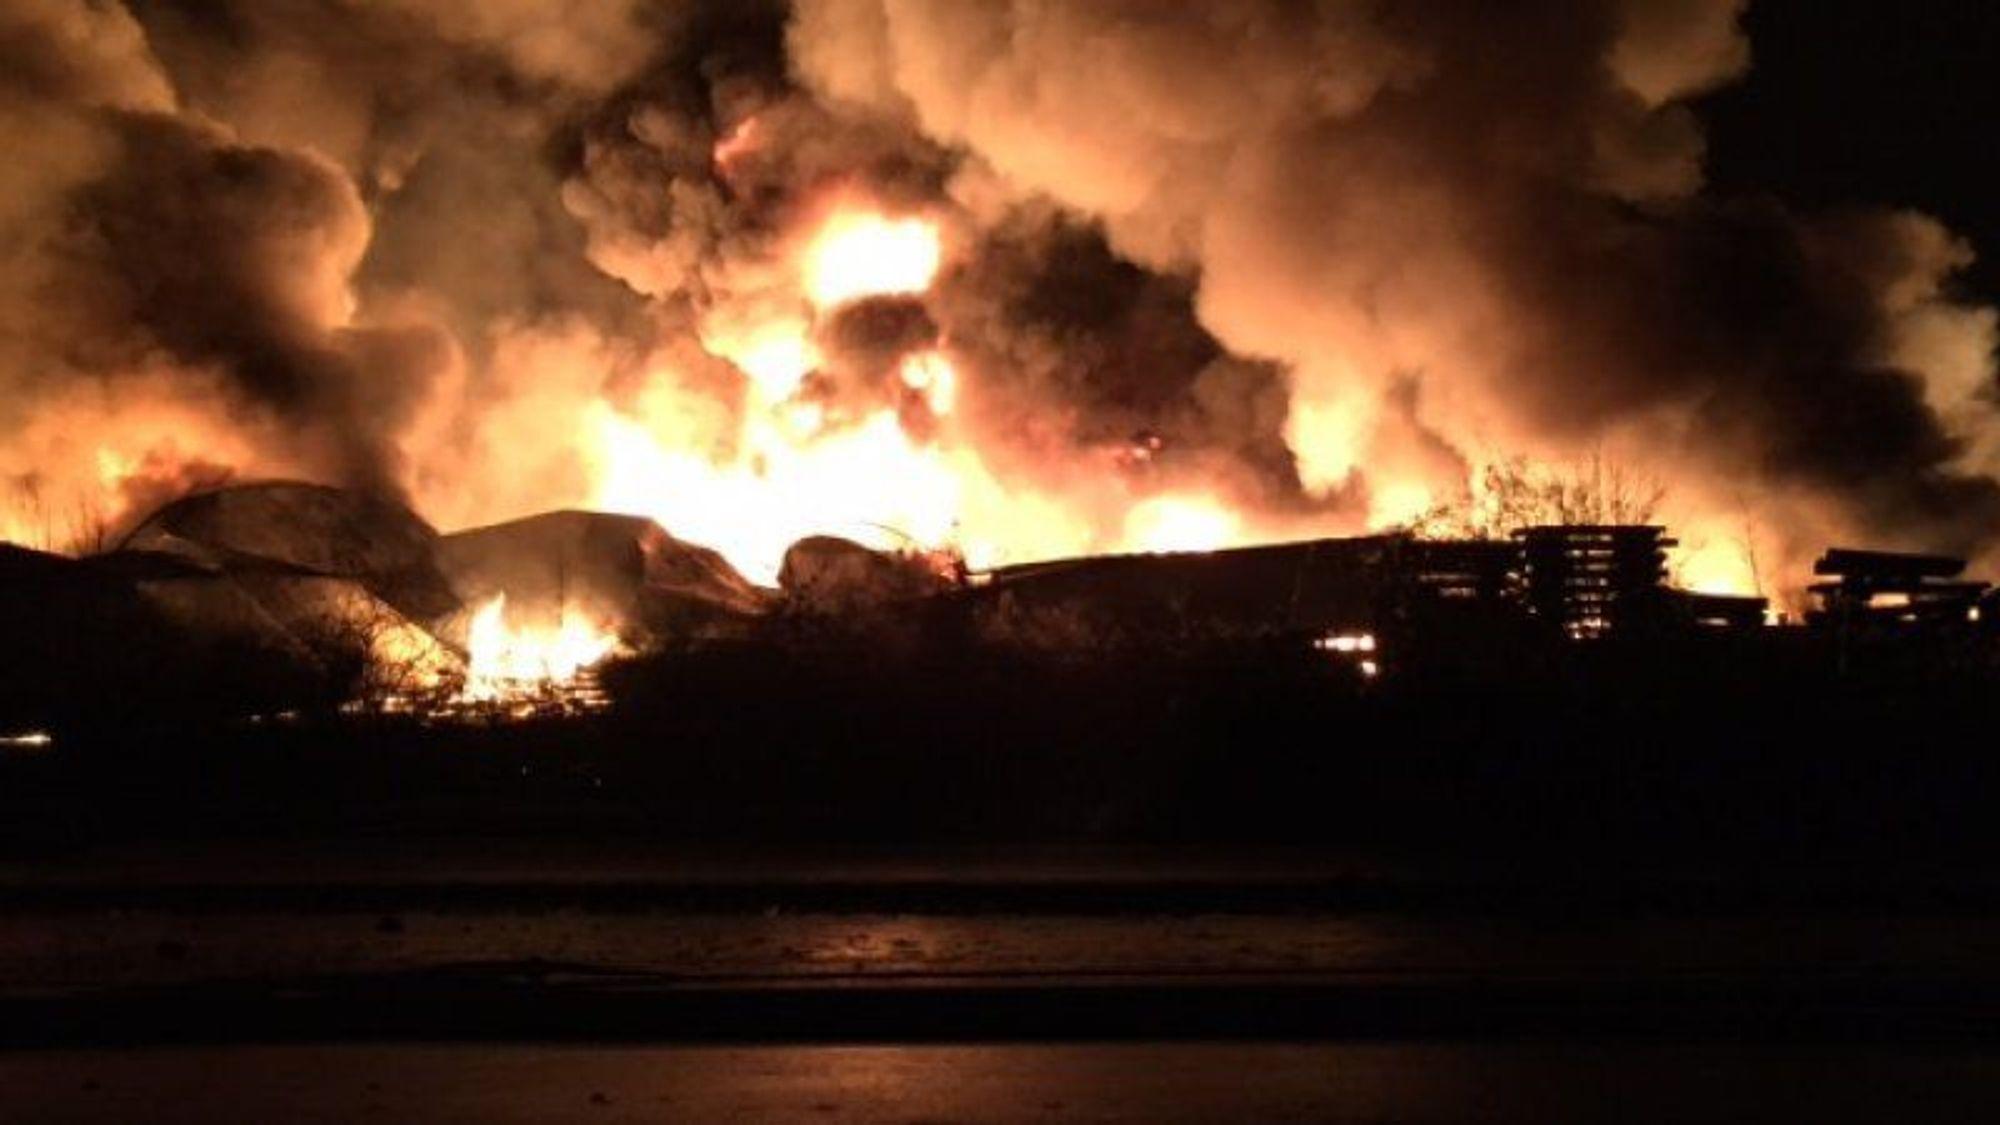 3. februar i fjor kollapset en stor gjødseltank hos en av nordeuropas største gjødselprodusenter på danske Fredericia havn. Store mengder rant ut i Lillebælt-sundet.